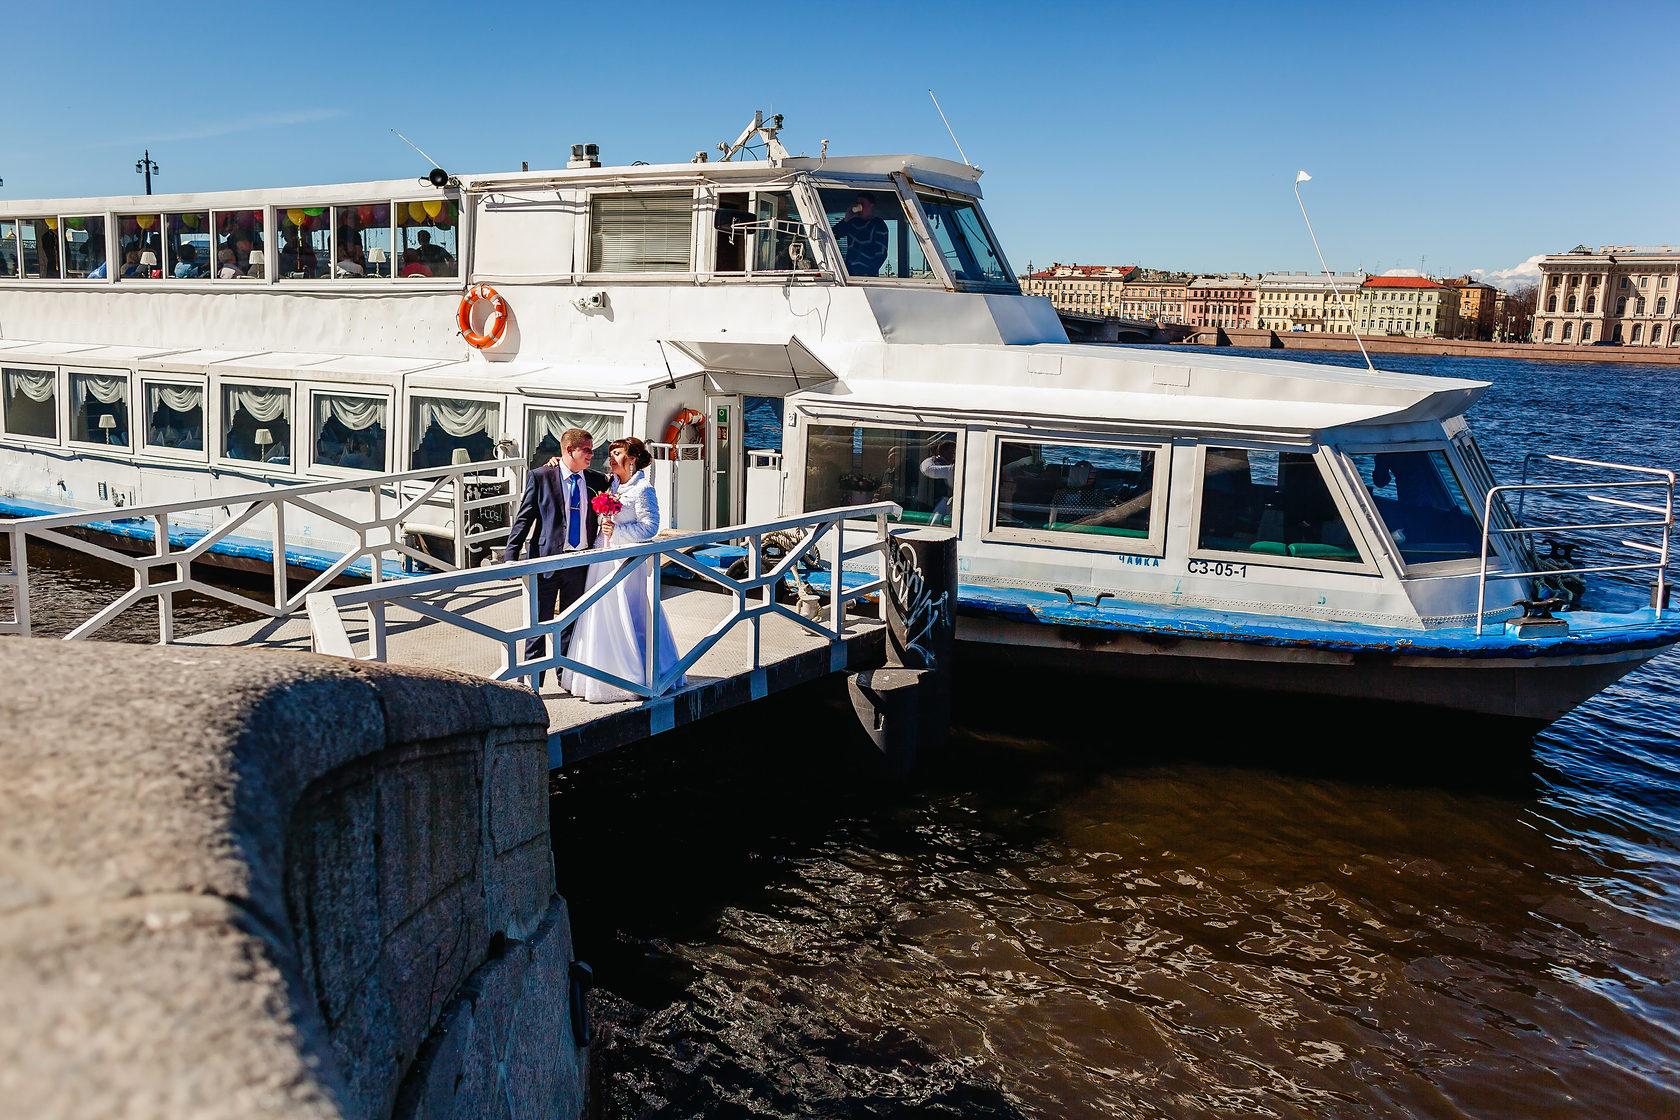 Какой выбрать маршрут для путешествия на яхте